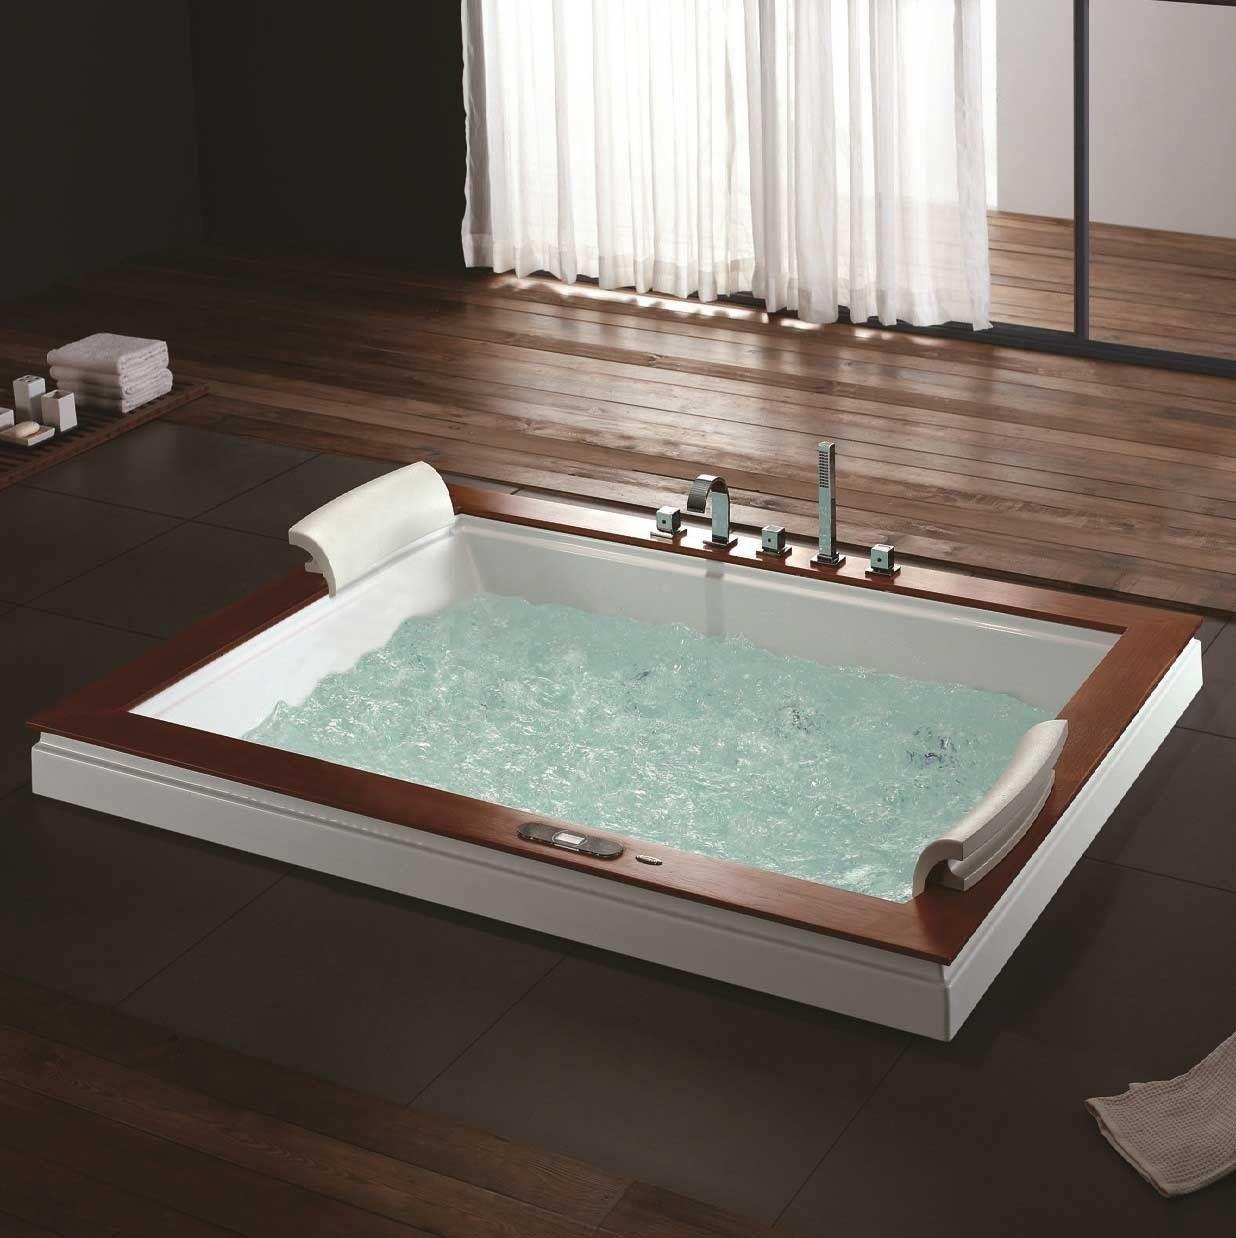 Breckenridge Whirlpool Tub